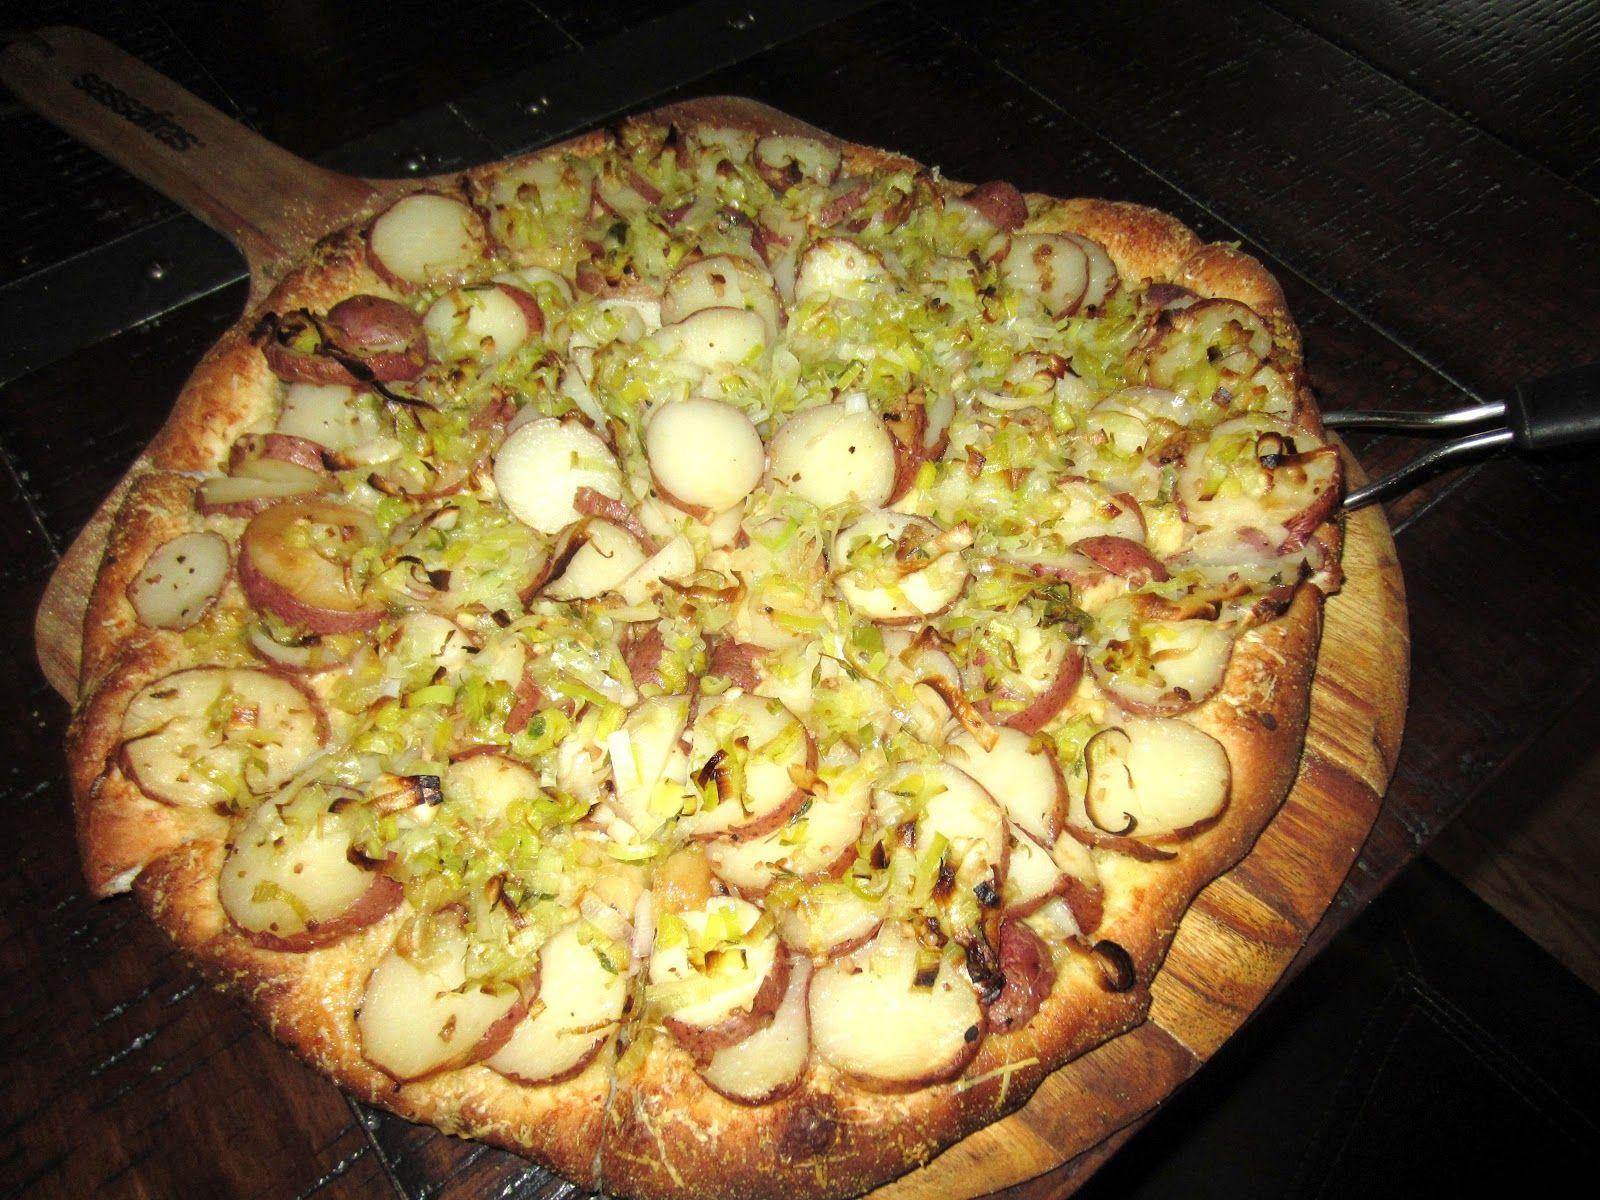 Potato Leek Pizza Recipe Food Recipes Food Network Recipes Healthy Dessert Recipes